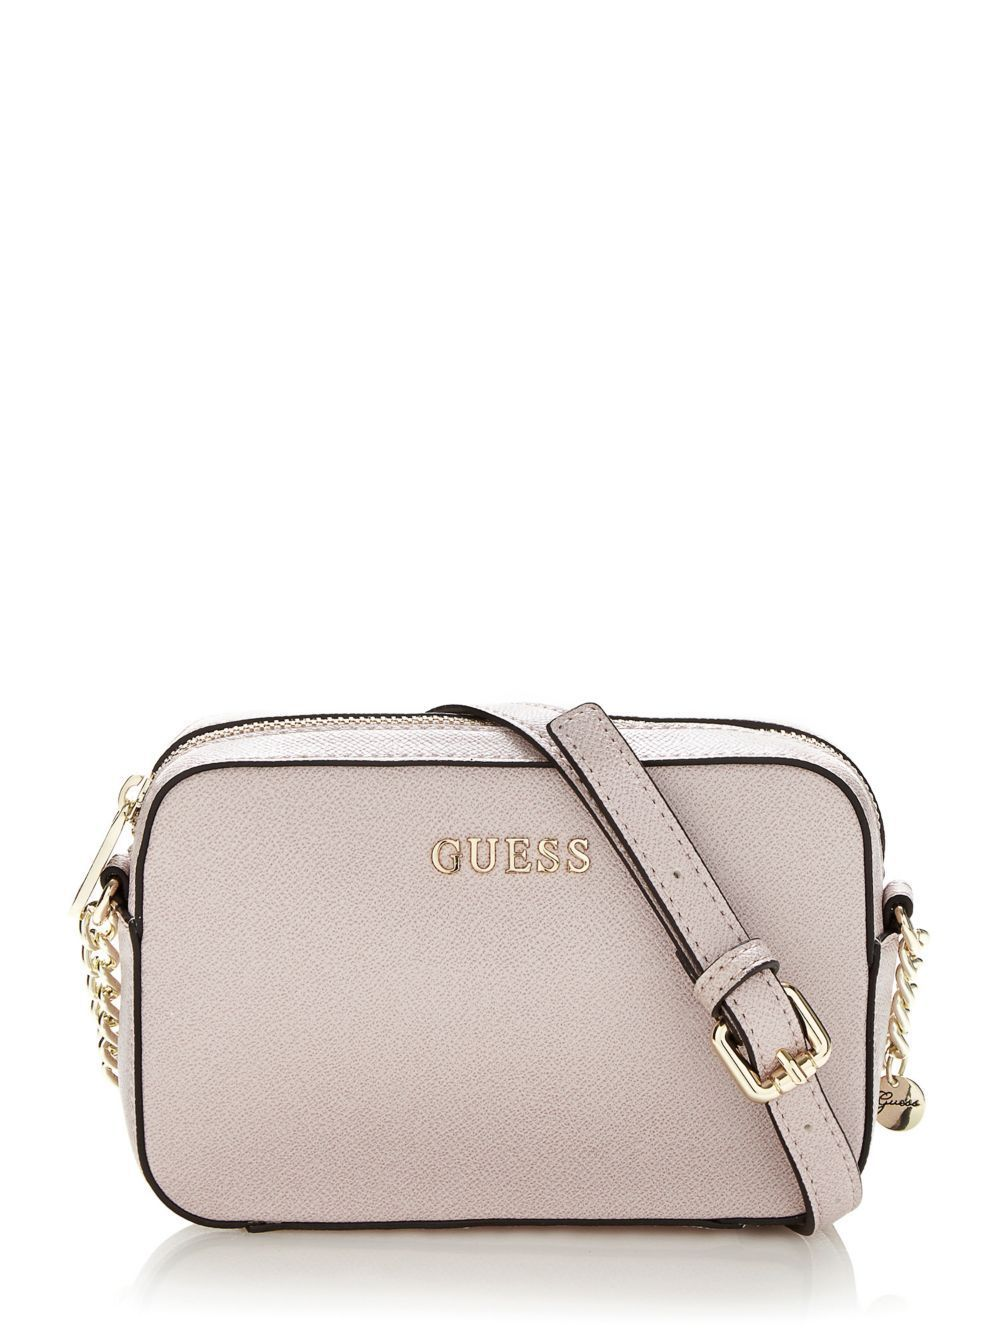 Guess | Beige Handbag | Lyst | Guess handbags, Beige